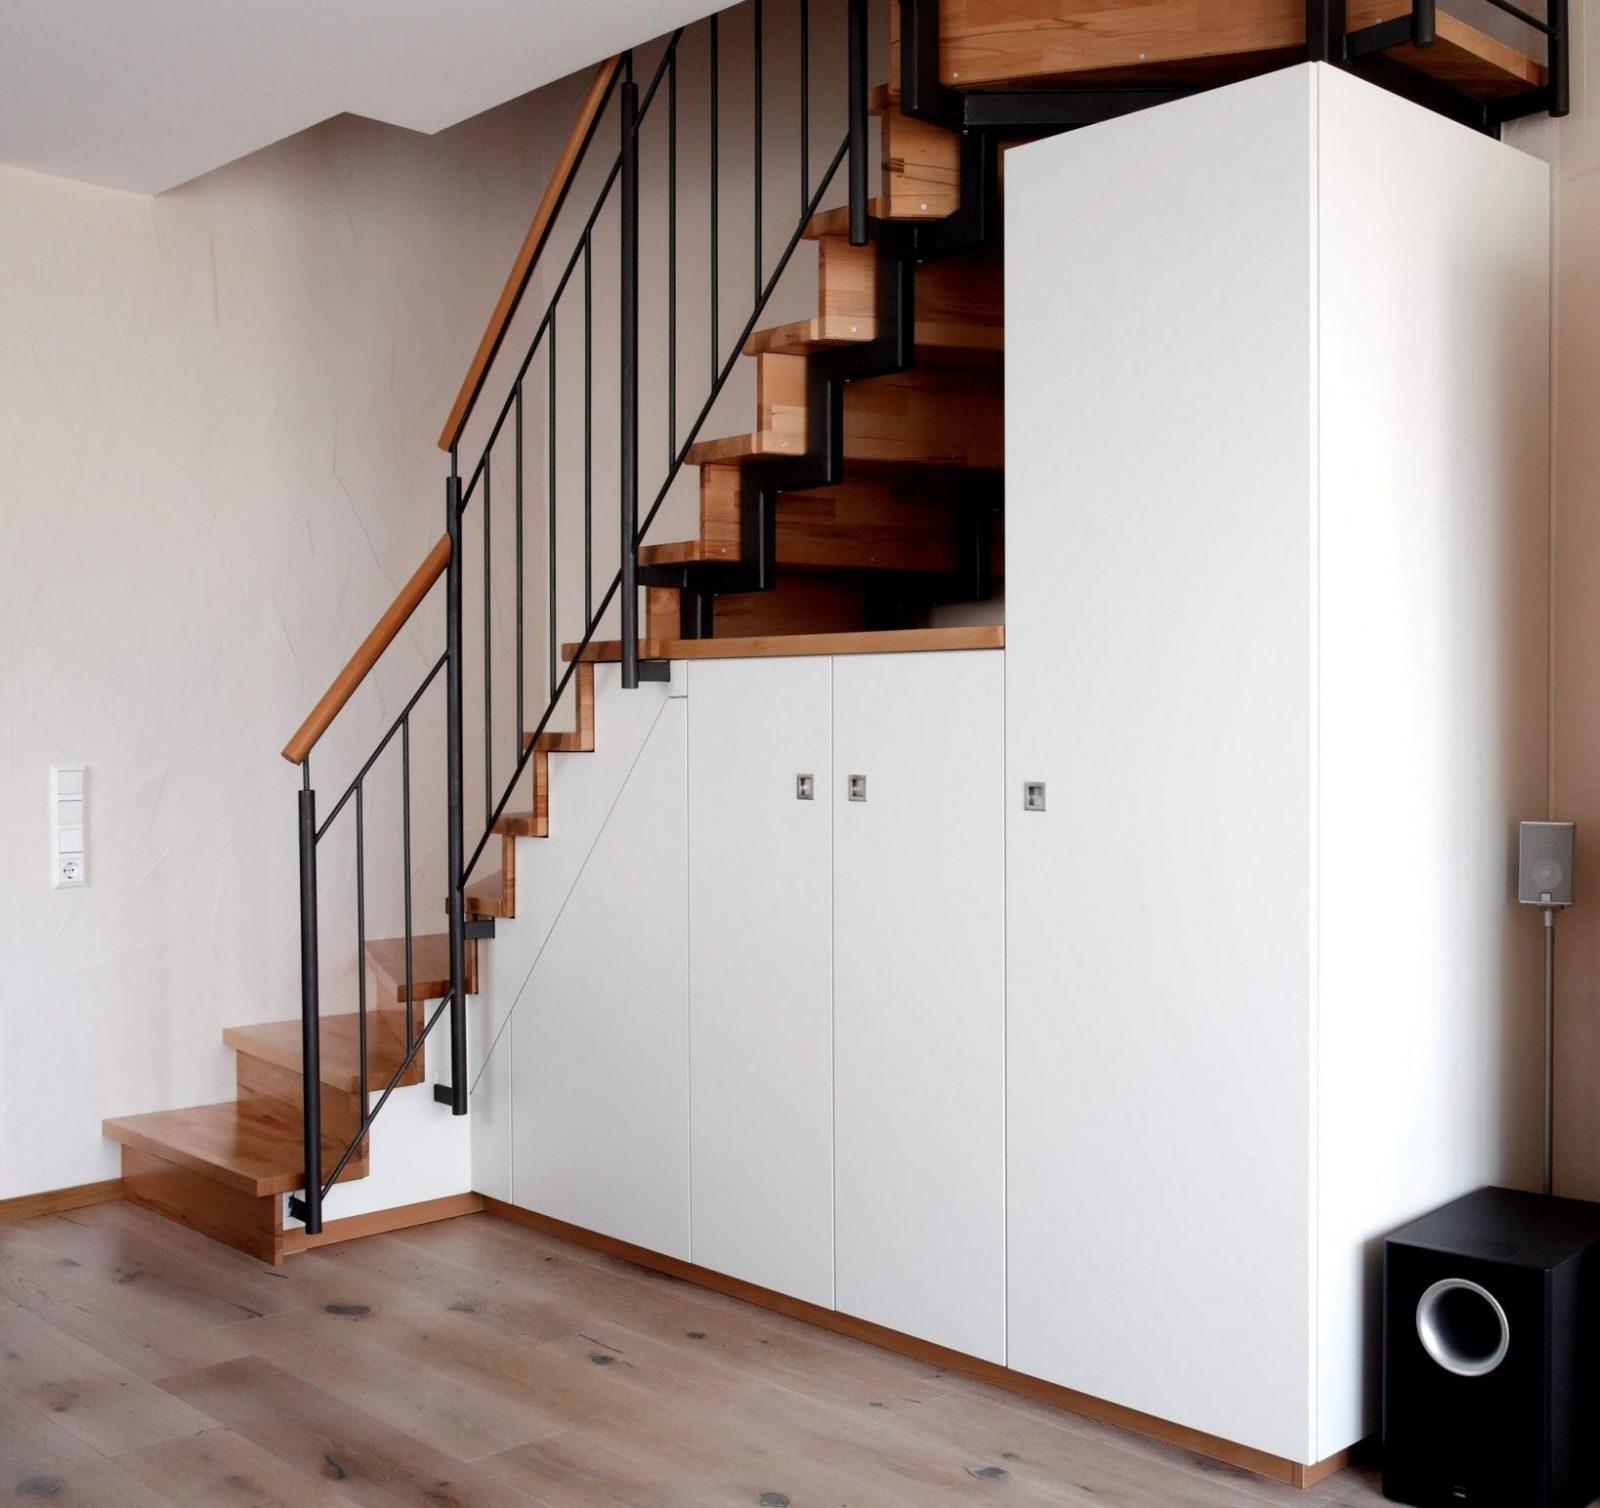 Einbauschrank Unter Der Treppe Von Schreinerei Holzdesign Ralf Rapp von Stauraum Unter Offener Treppe Photo